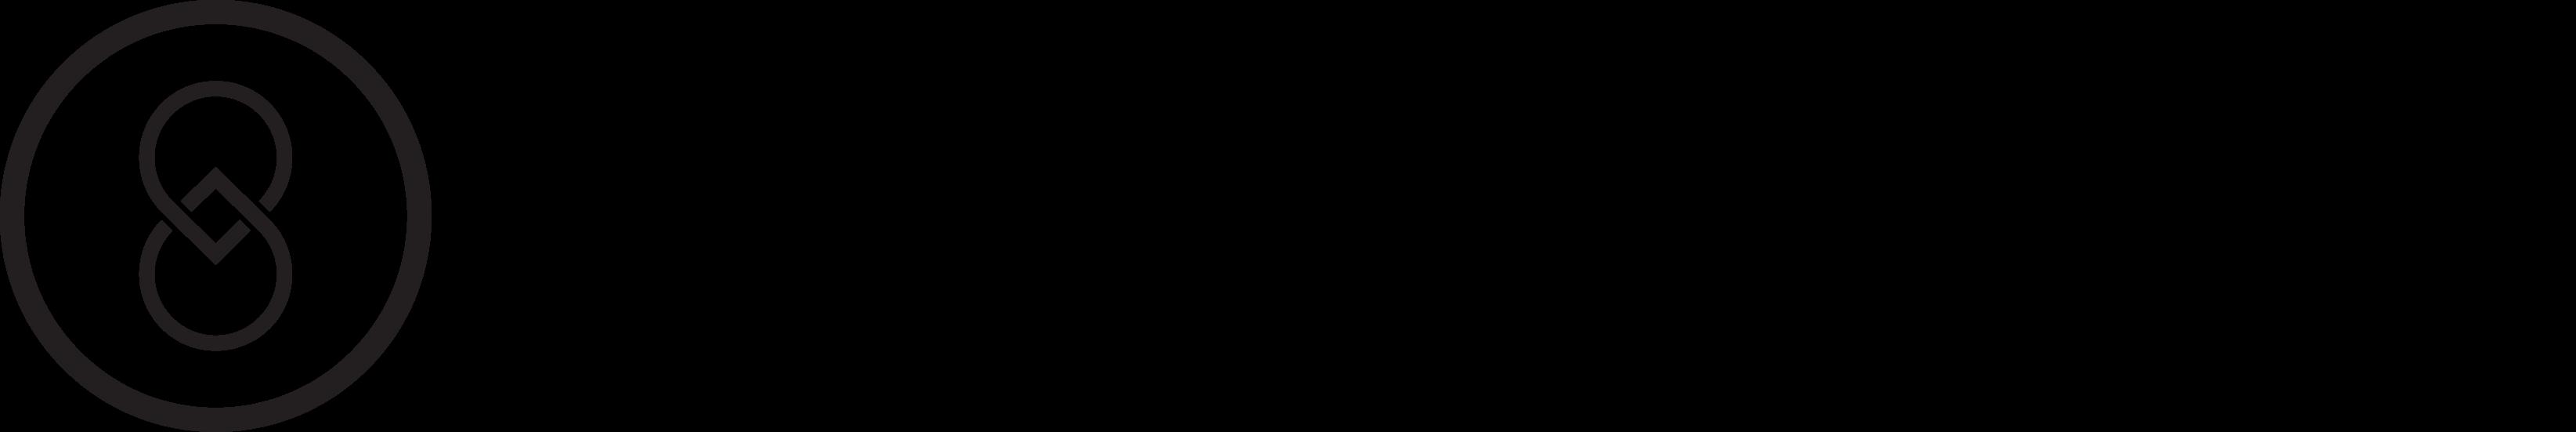 egminer airdrop